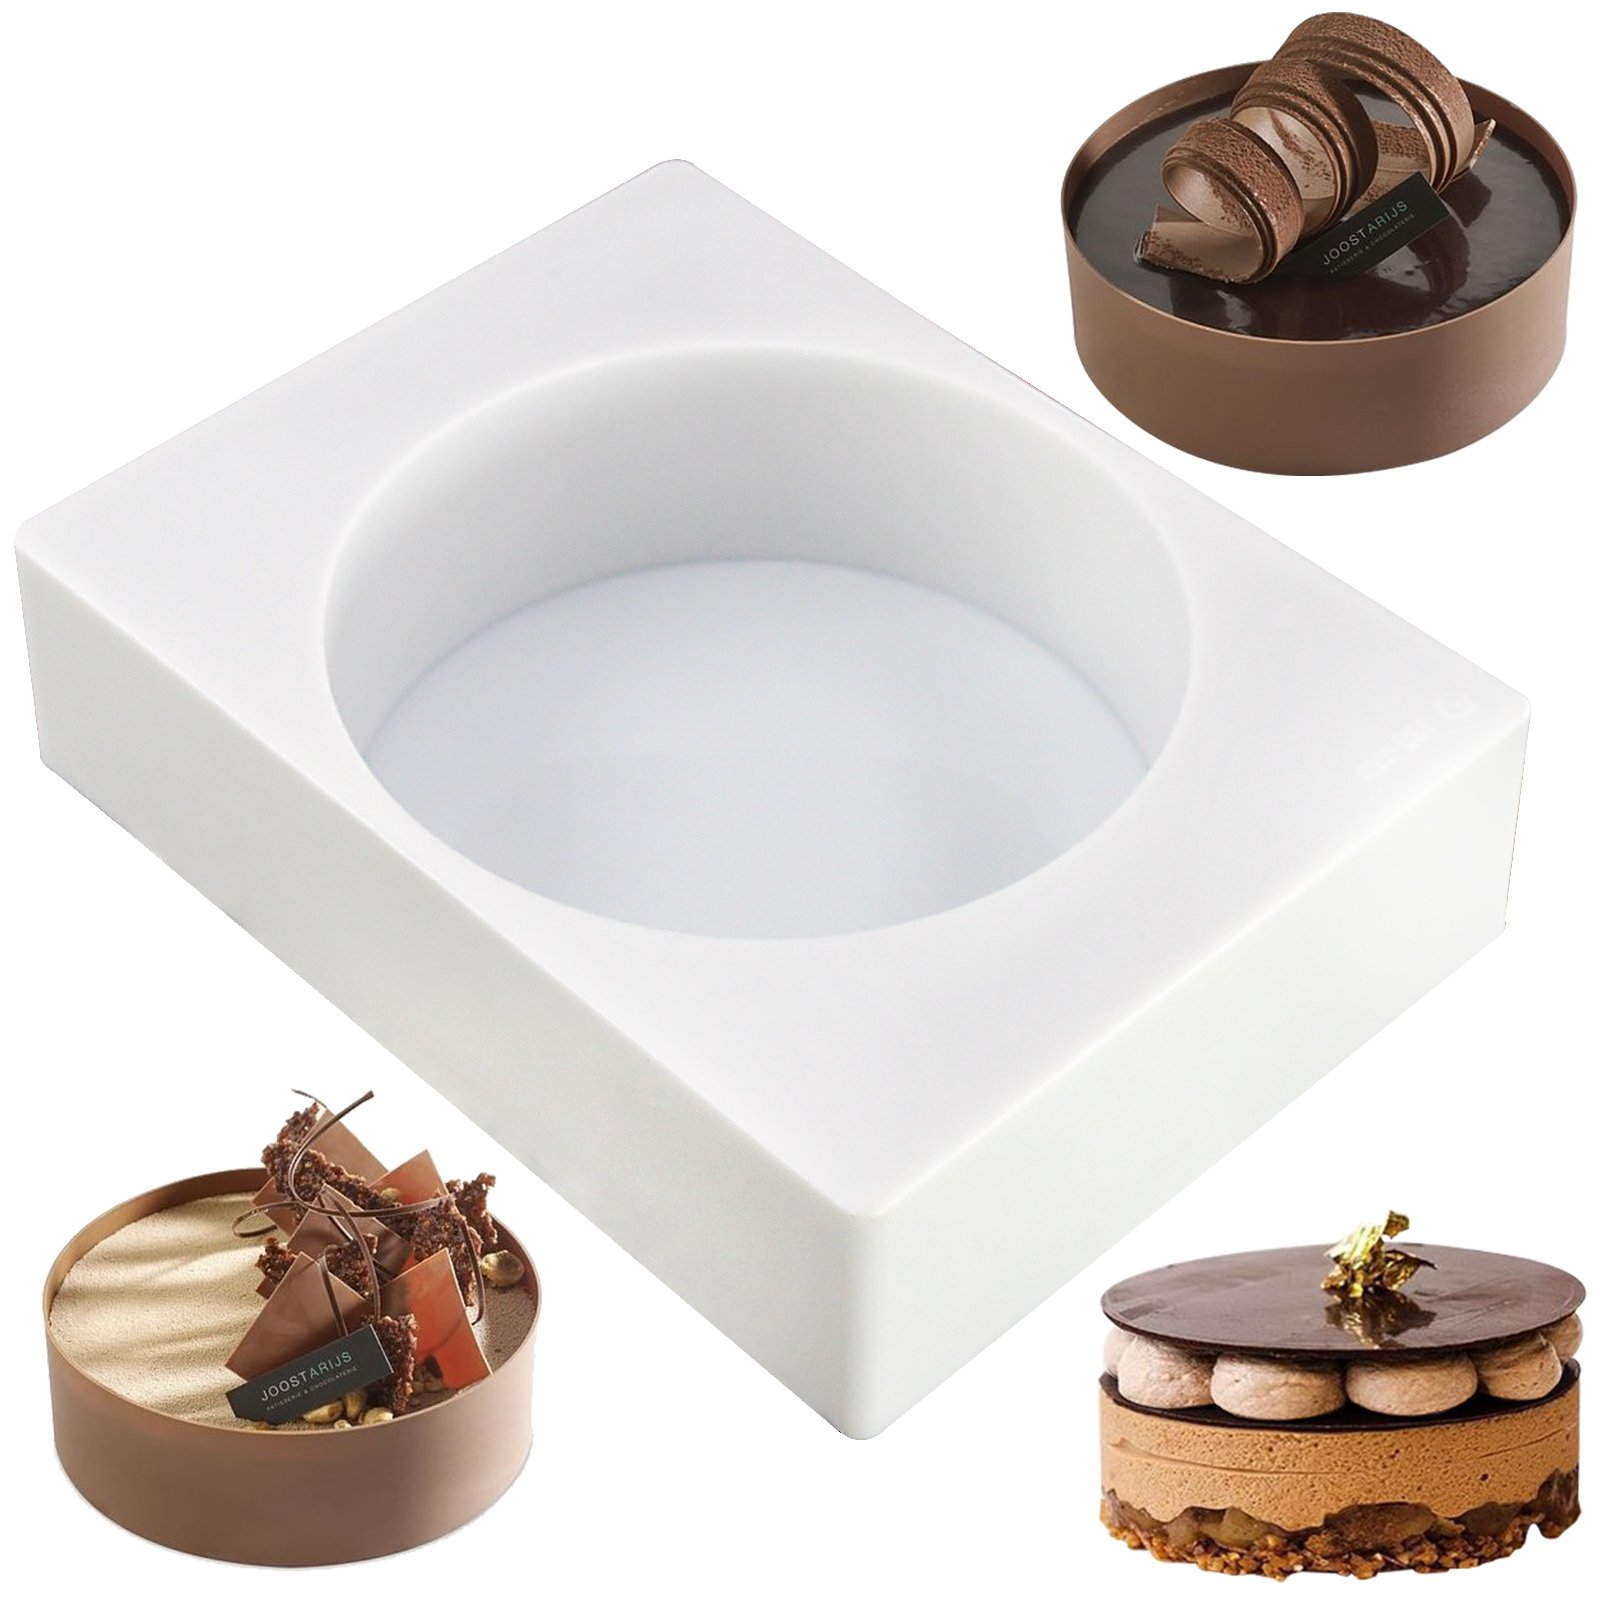 Funshowcase Round Disc Silicone Mold Tray Shape Size 5.3x5.3x1.9inch Large